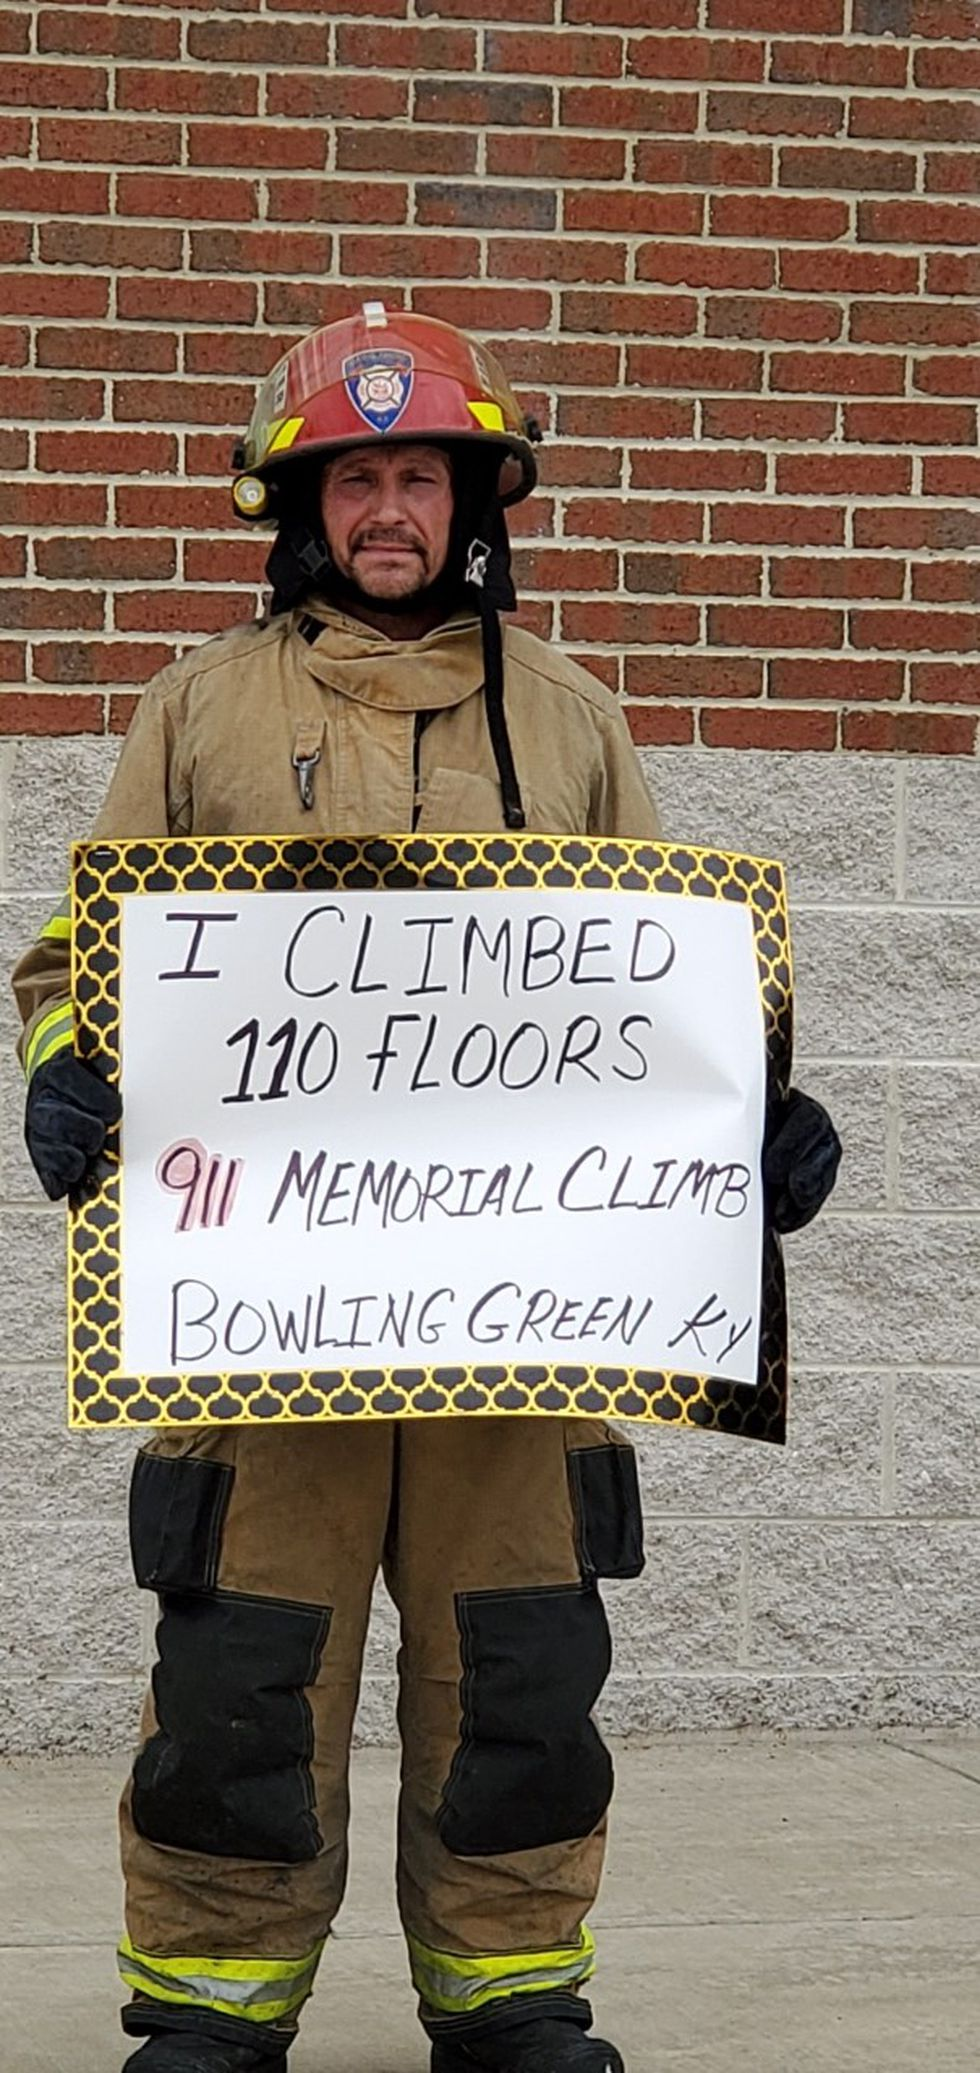 Firefighter climbs 110 floors.